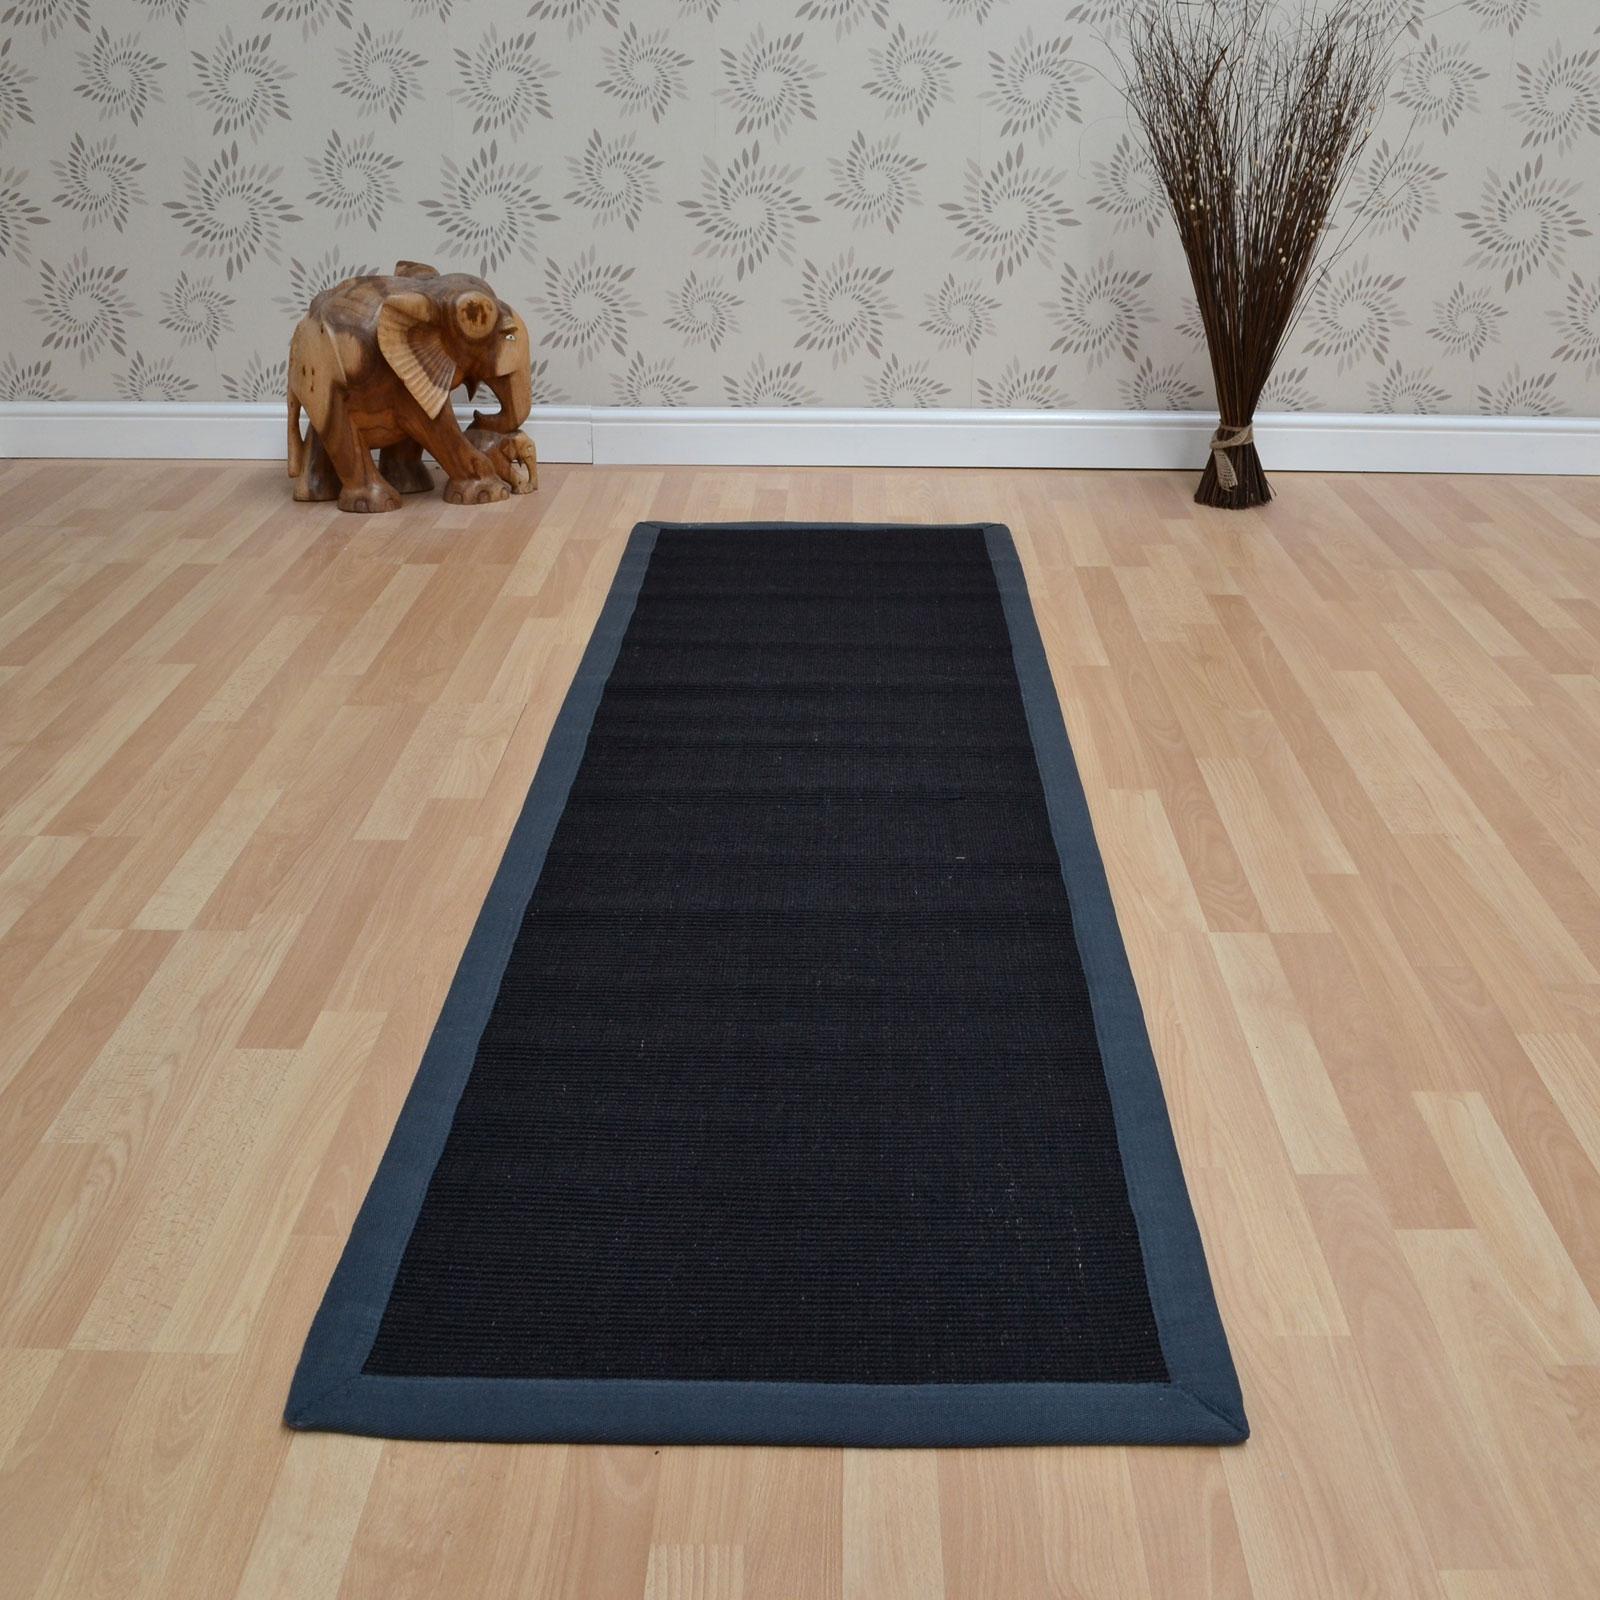 Flooring Lovely Hallway Runners For Floor Decor Idea Within Black Runner Rugs